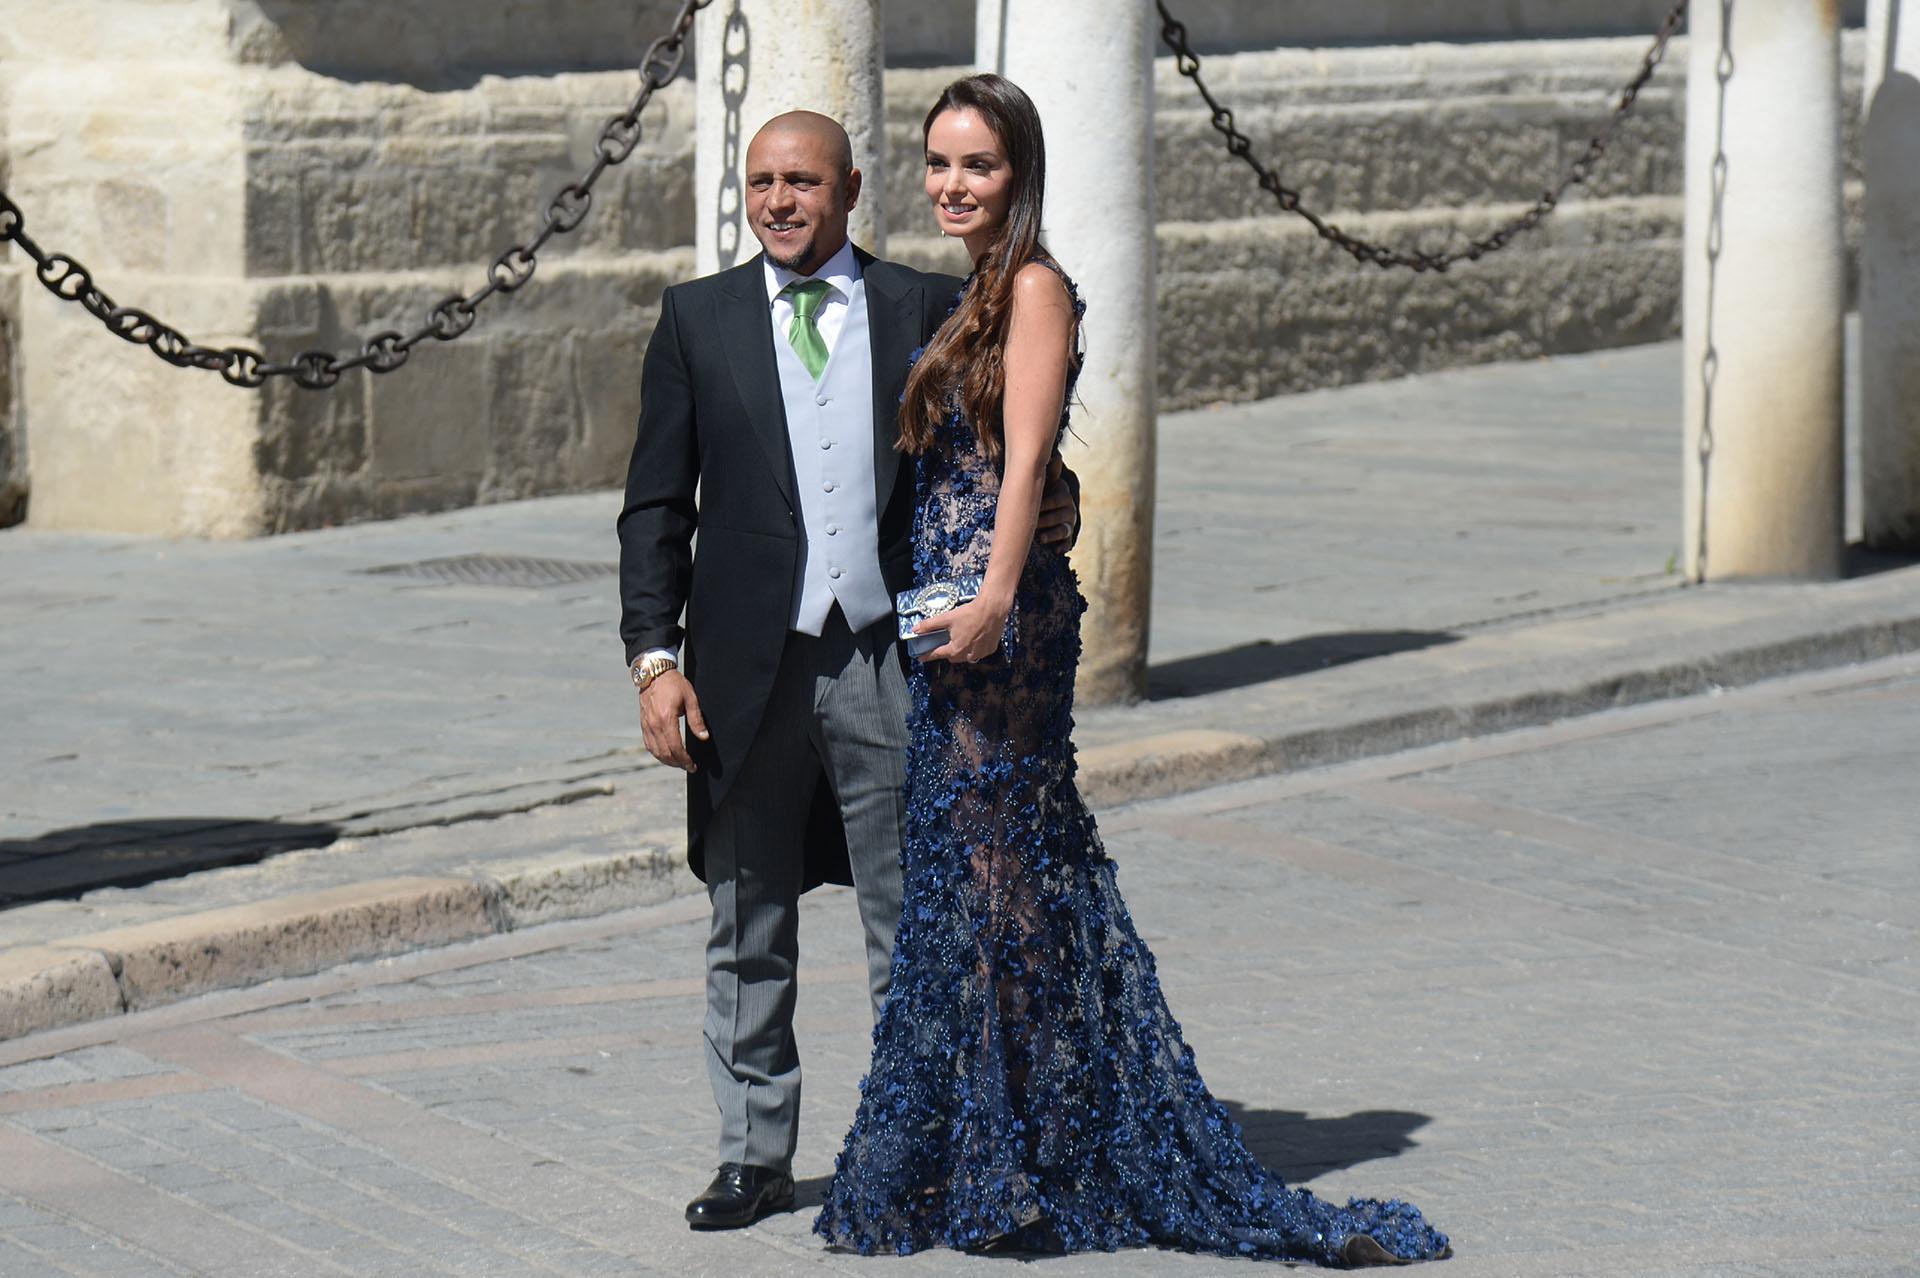 El ex Real Madrid Roberto Carlos también estuvo y fue acompañado por su esposa Mariana Luccon